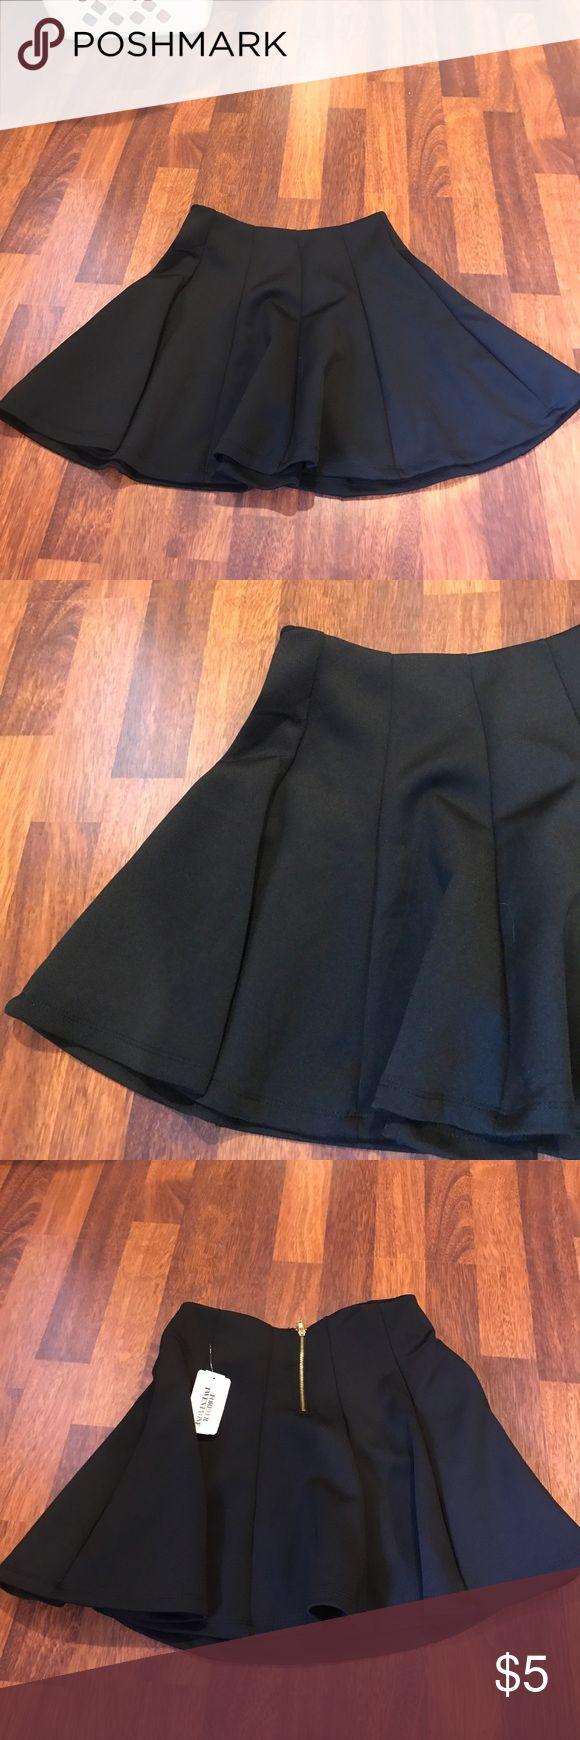 Forever21 circle skirt Forever21 black circle skirt. Gold zipper on back. Still has tags on it Forever 21 Skirts Circle & Skater